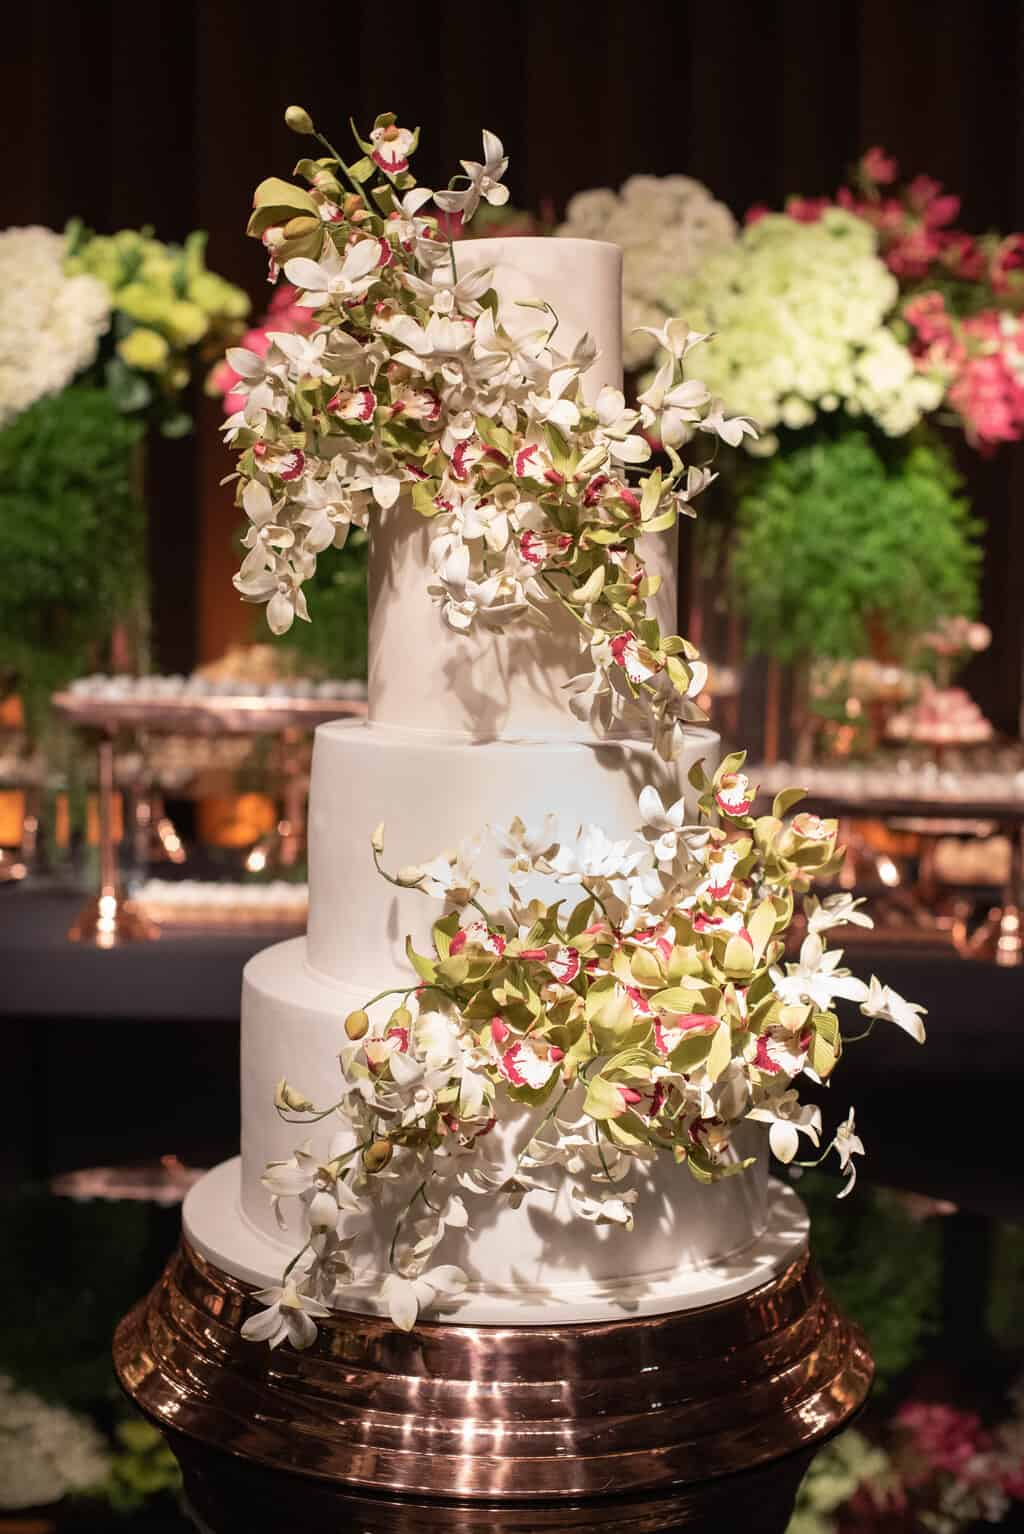 bolo-de-casamento-casamento-Karynna-e-Fernando-cerimonial-TCD-Eventos-decoração-Eugenia-Guerrera-Decoração-Melanie-Schmid-fotografia-Marina-Fava18